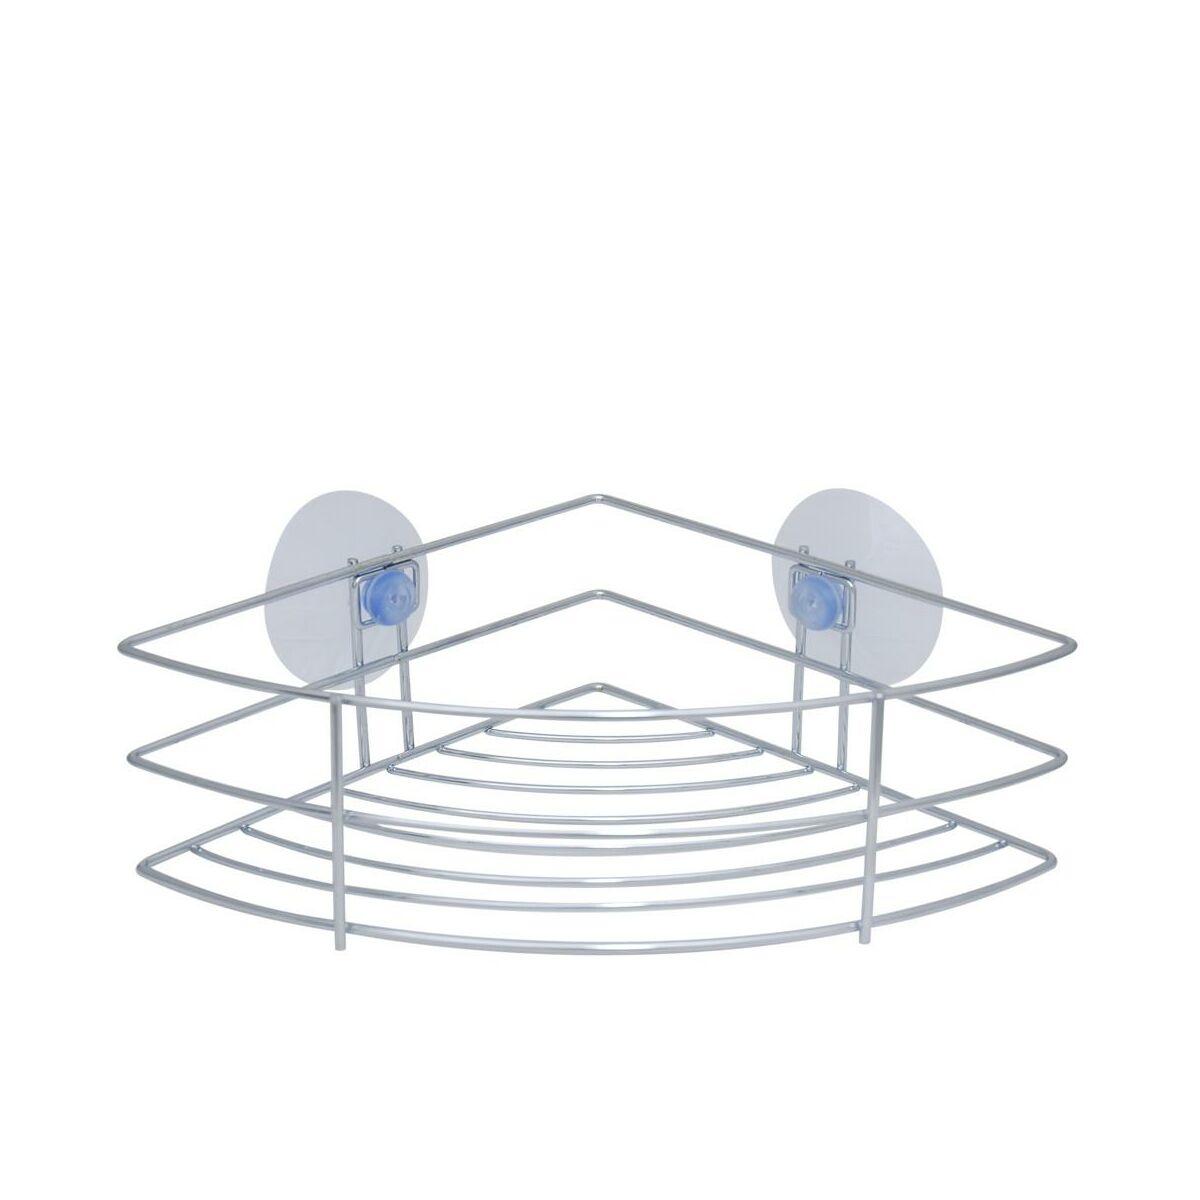 Koszyk łazienkowy Tela16 Center Plus